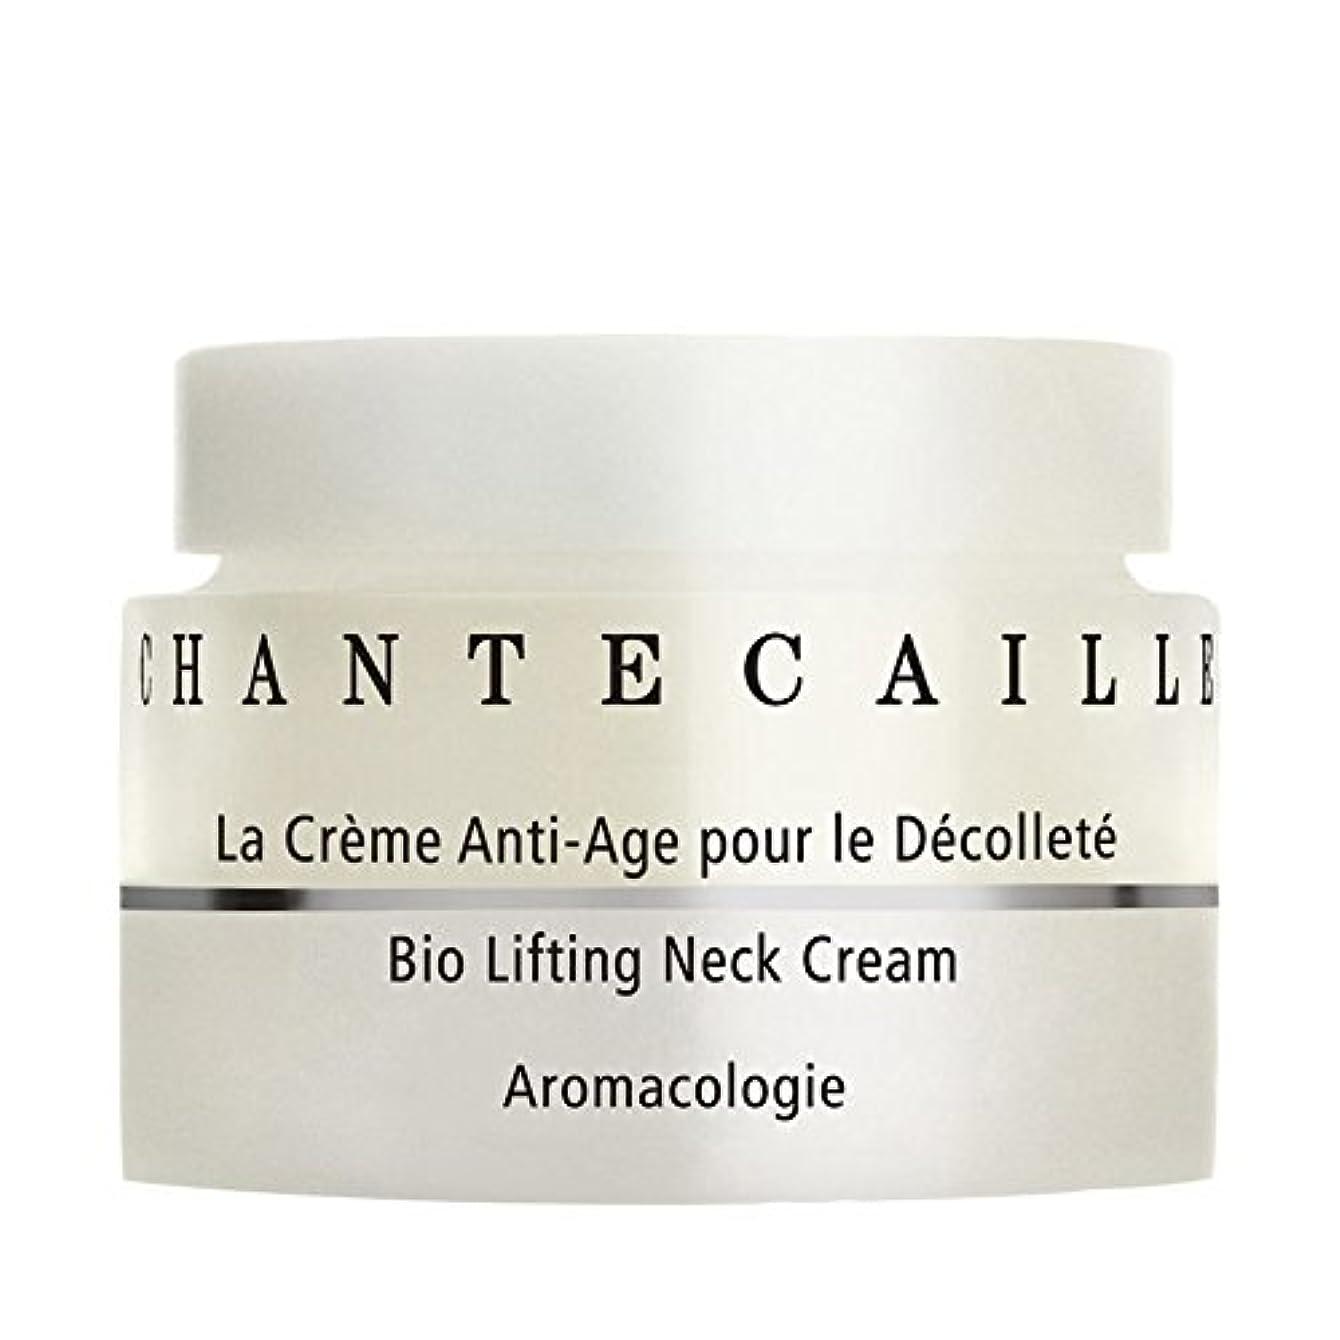 セッティング後方日常的にシャンテカイユバイオダイナミックリフティングネッククリーム、シャンテカイユ x2 - Chantecaille Biodynamic Lifting Neck Cream, Chantecaille (Pack of 2...